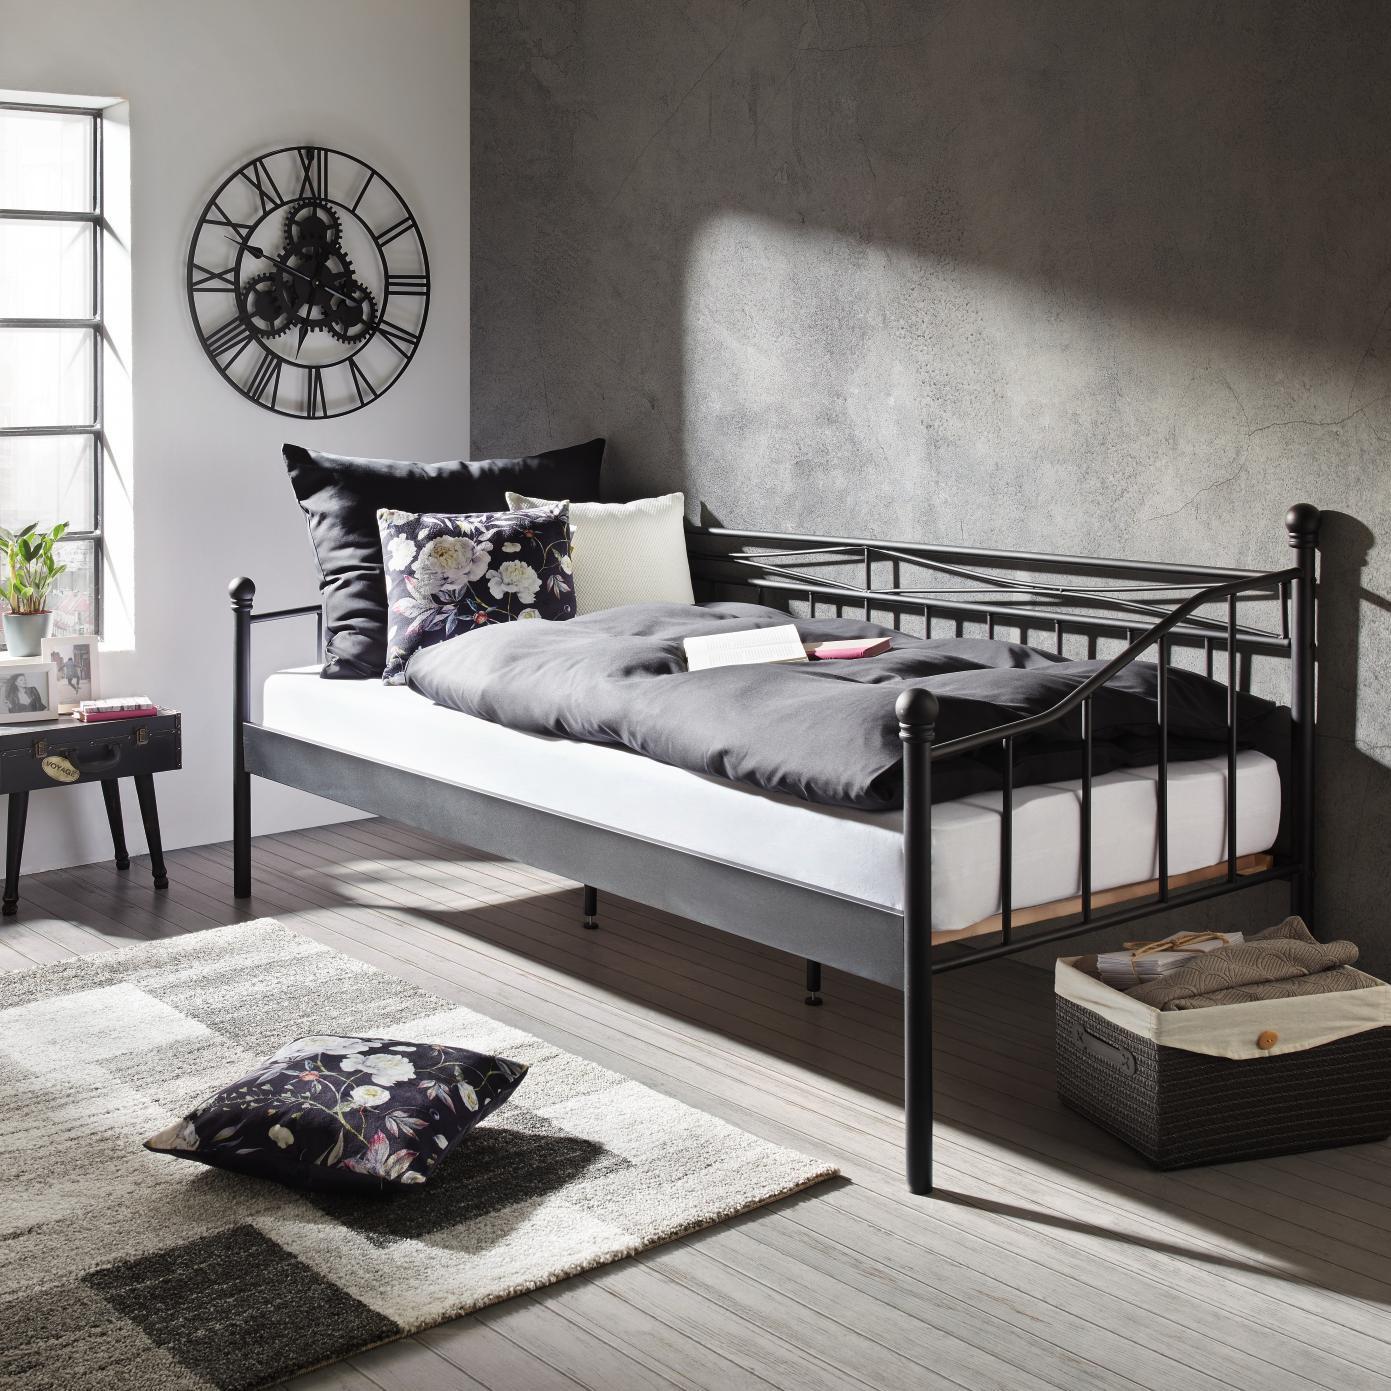 Mömax Metallbett (90 x 200cm) in schwarz für 44€ mit Filialabholung oder 93€ inkl. Versand